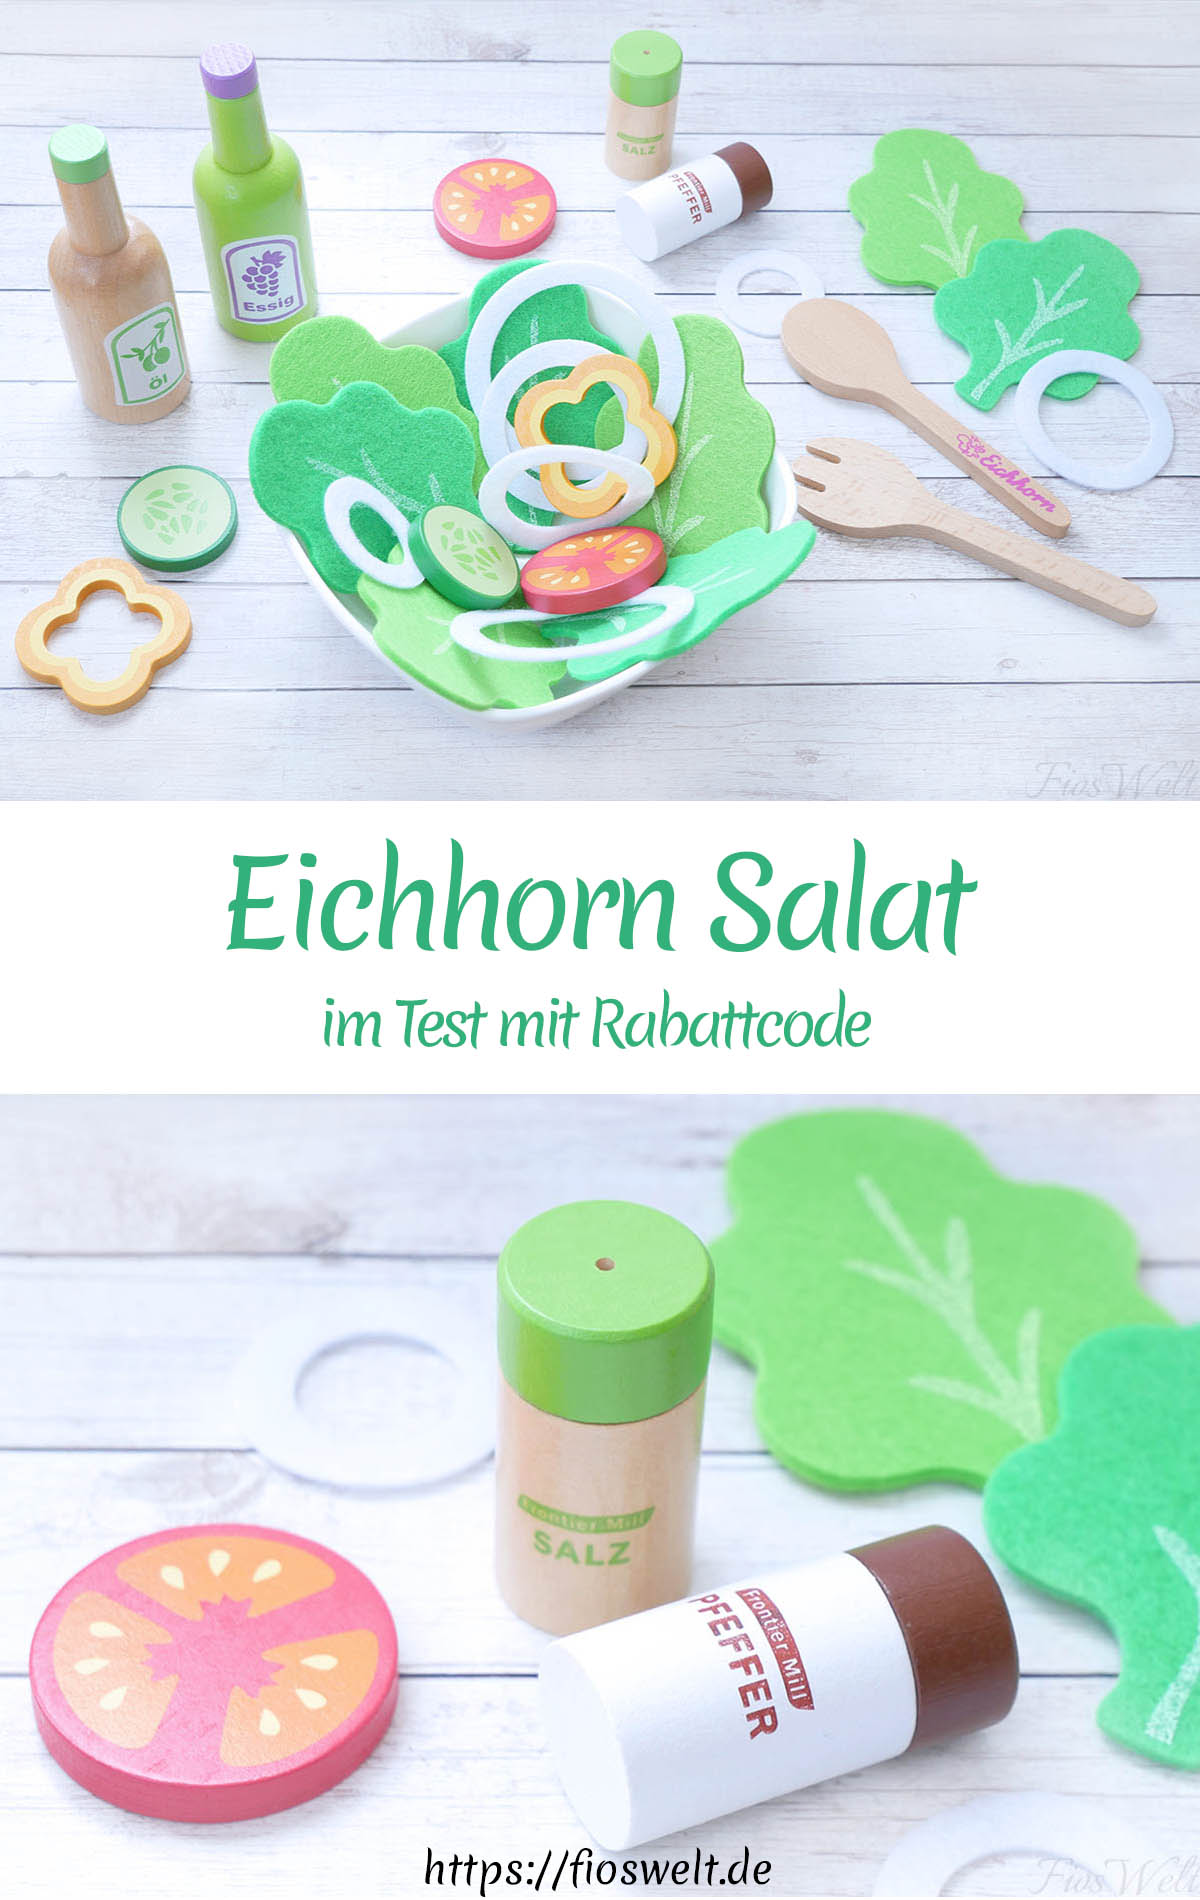 Eichhorn Rabattcode